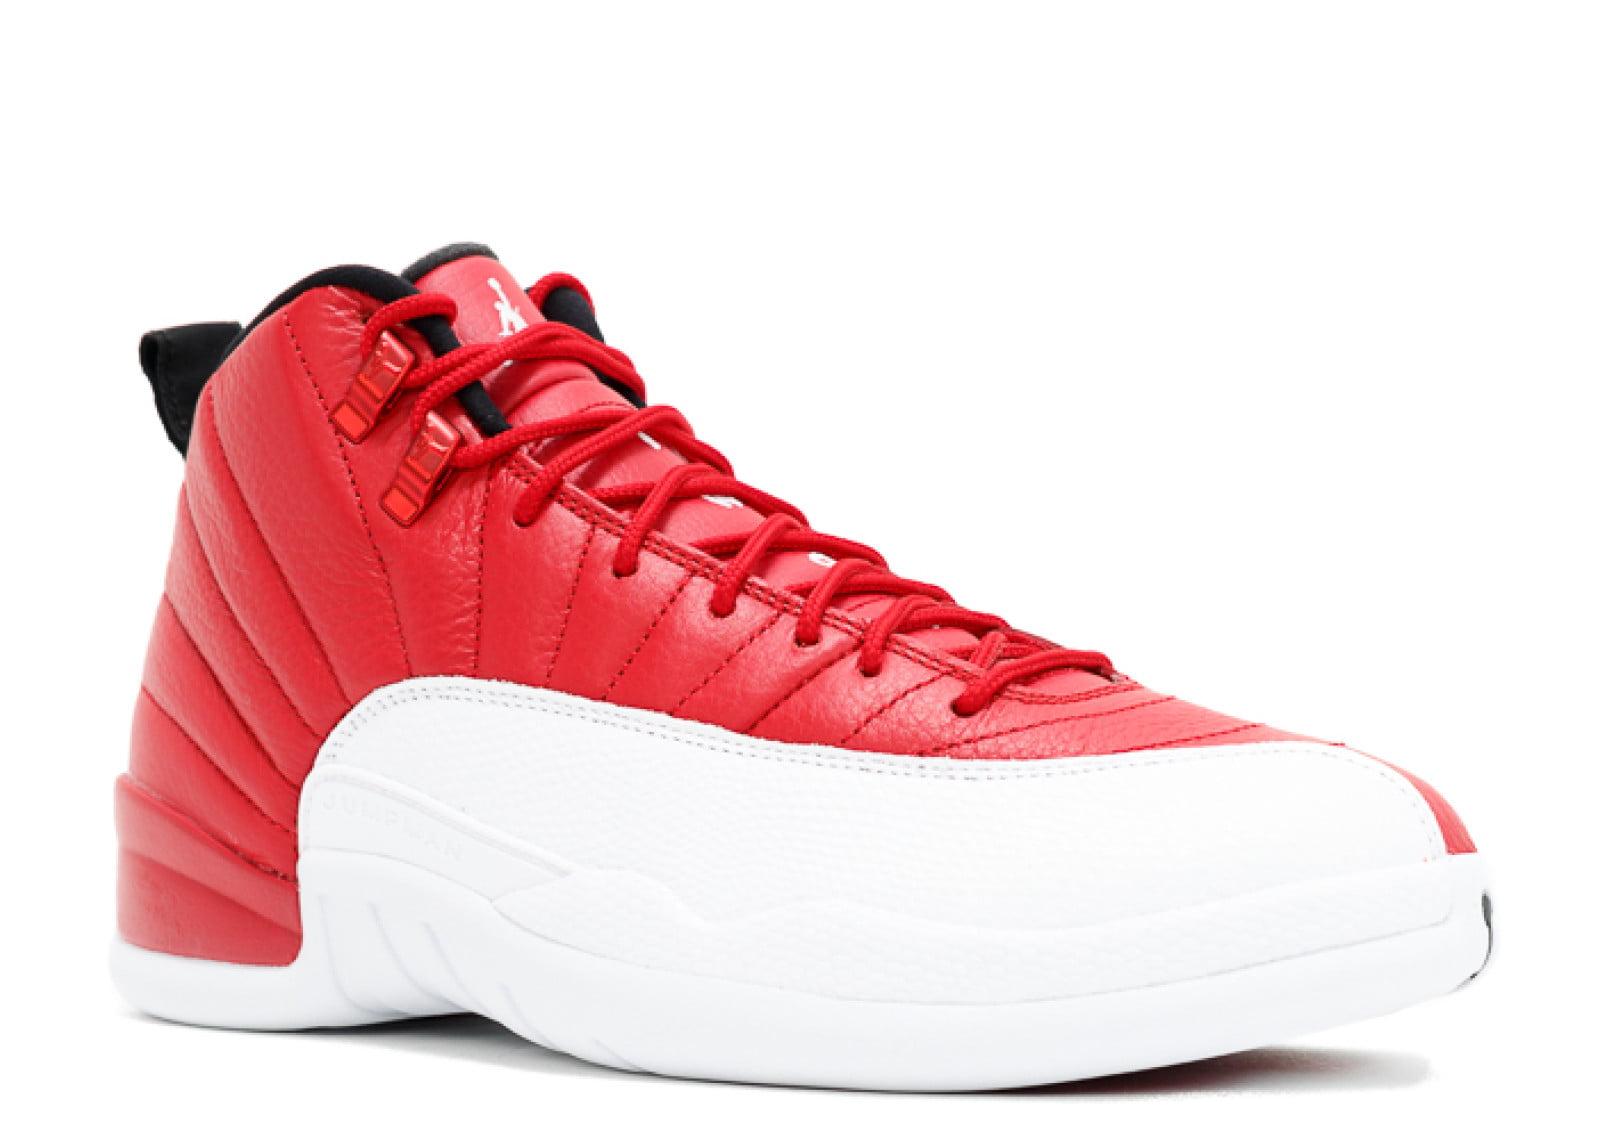 b26325541260b Air Jordan - Men - Air Jordan 12 Retro  Gym Red  - 130690-600 - Size 11